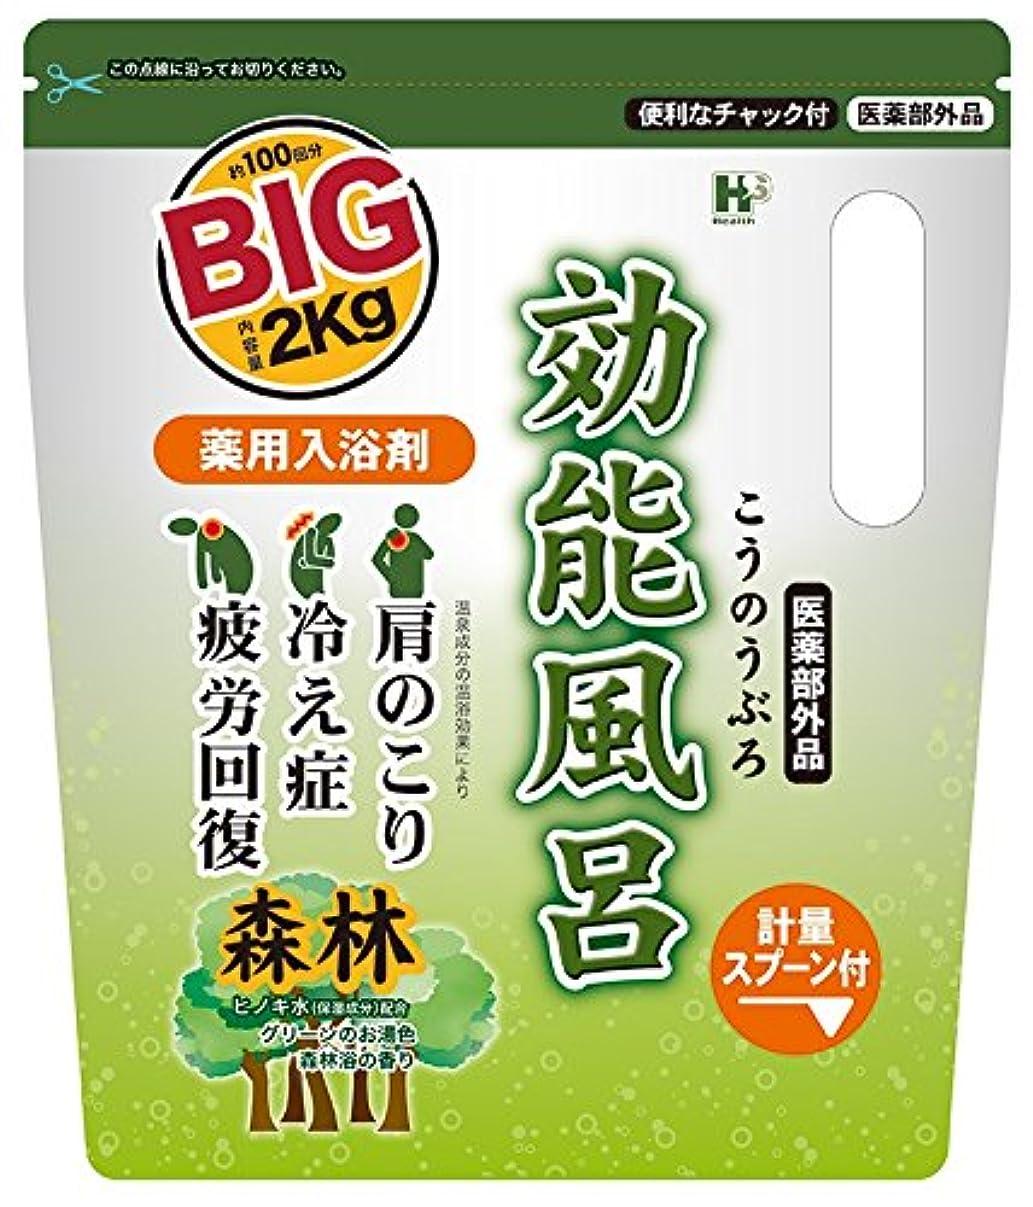 目に見えるかすかなポジション薬用入浴剤 効能風呂 森林の香り BIGサイズ 2kg [医薬部外品]